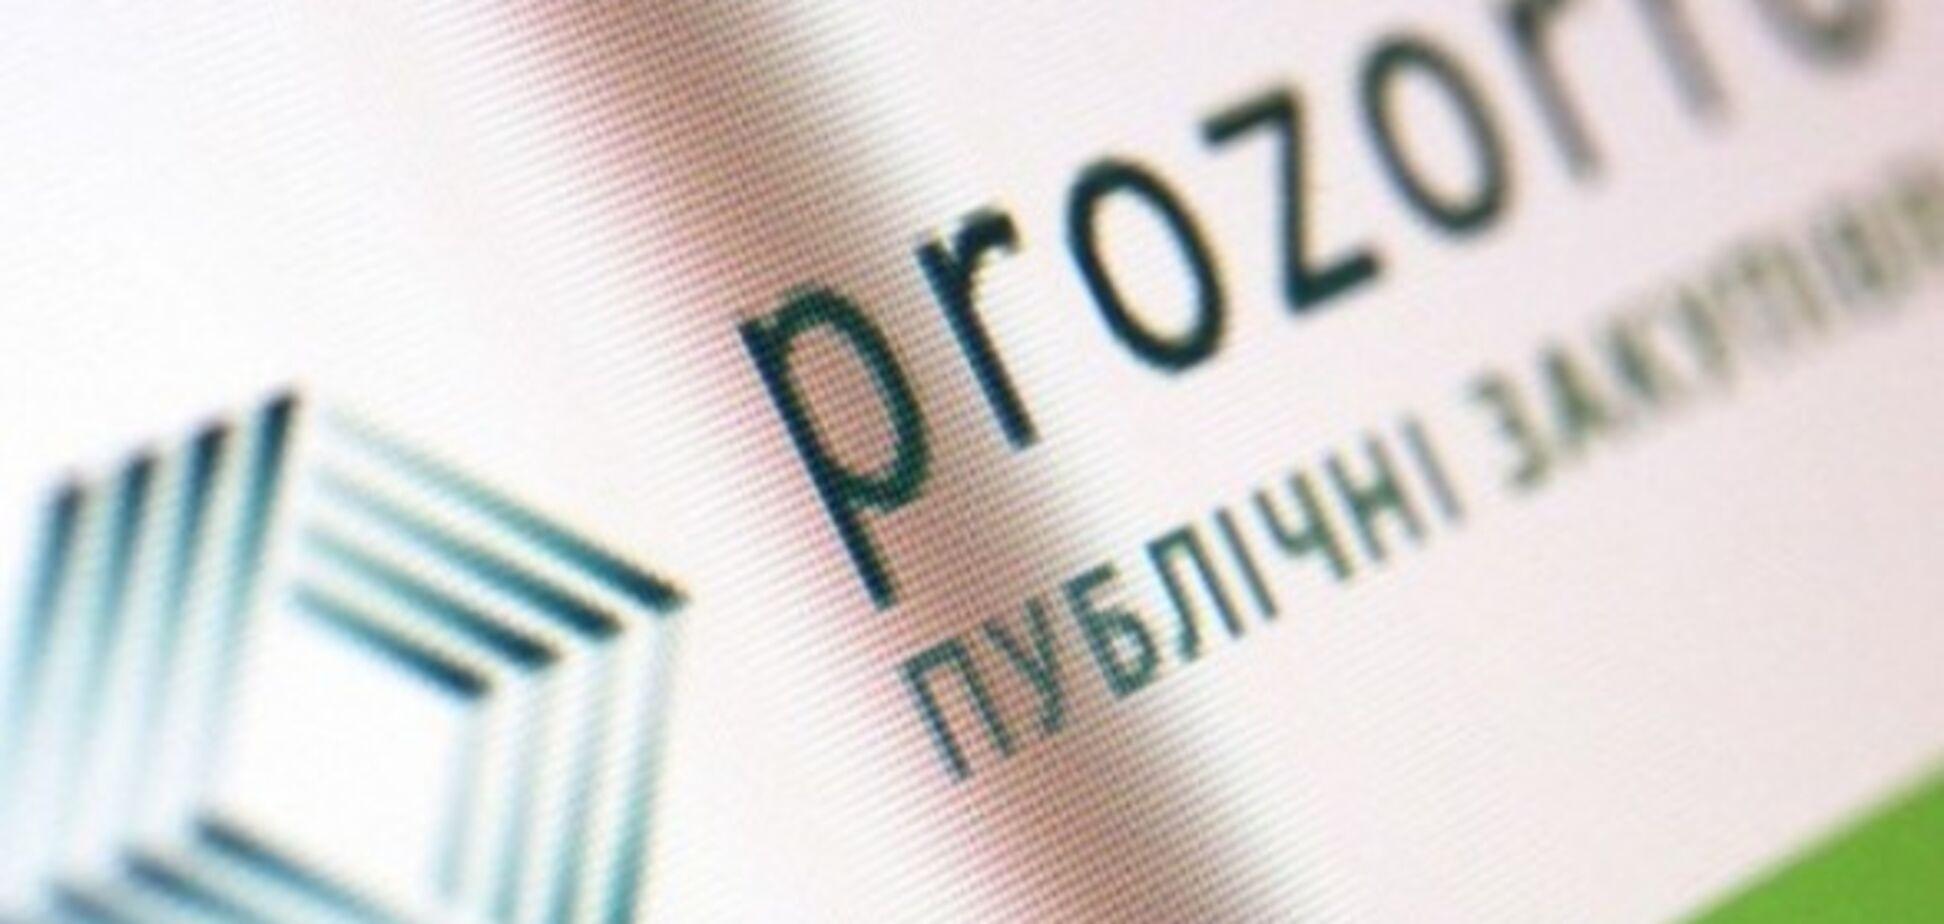 Коммерческая монополия ProZorro или почему Украина теряет 500 млн. грн в год на закупках